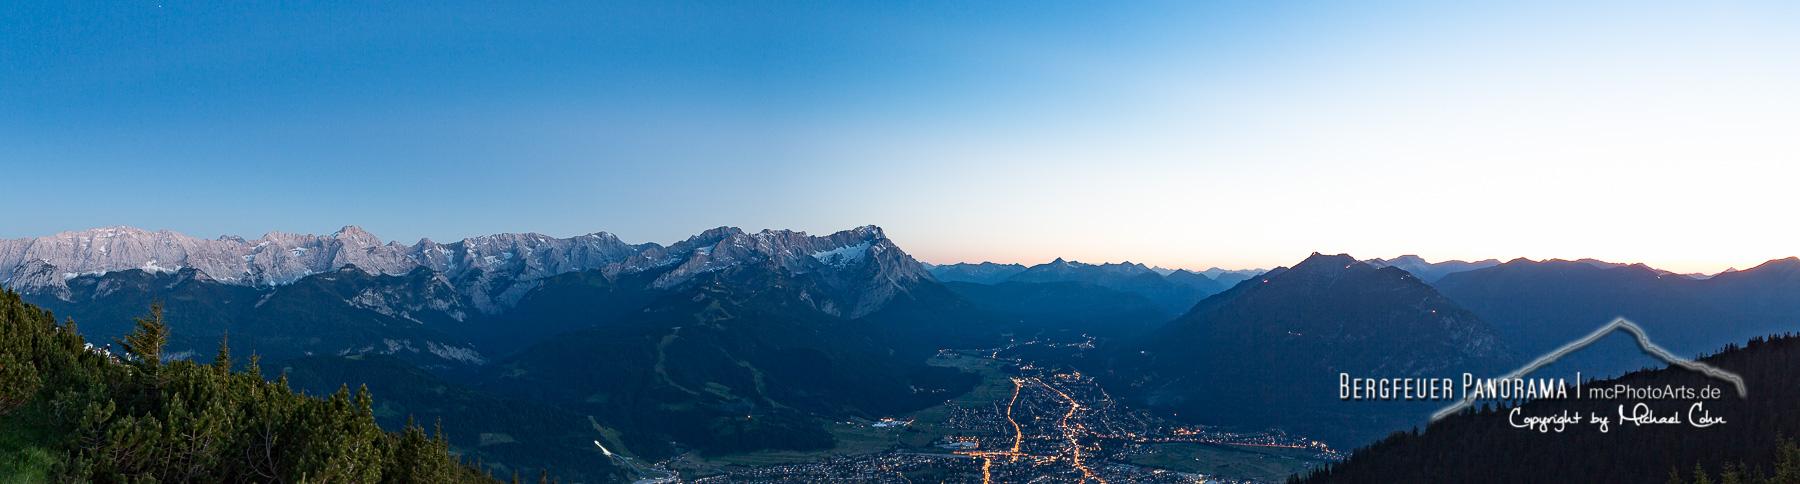 Bergfeuer Panorama